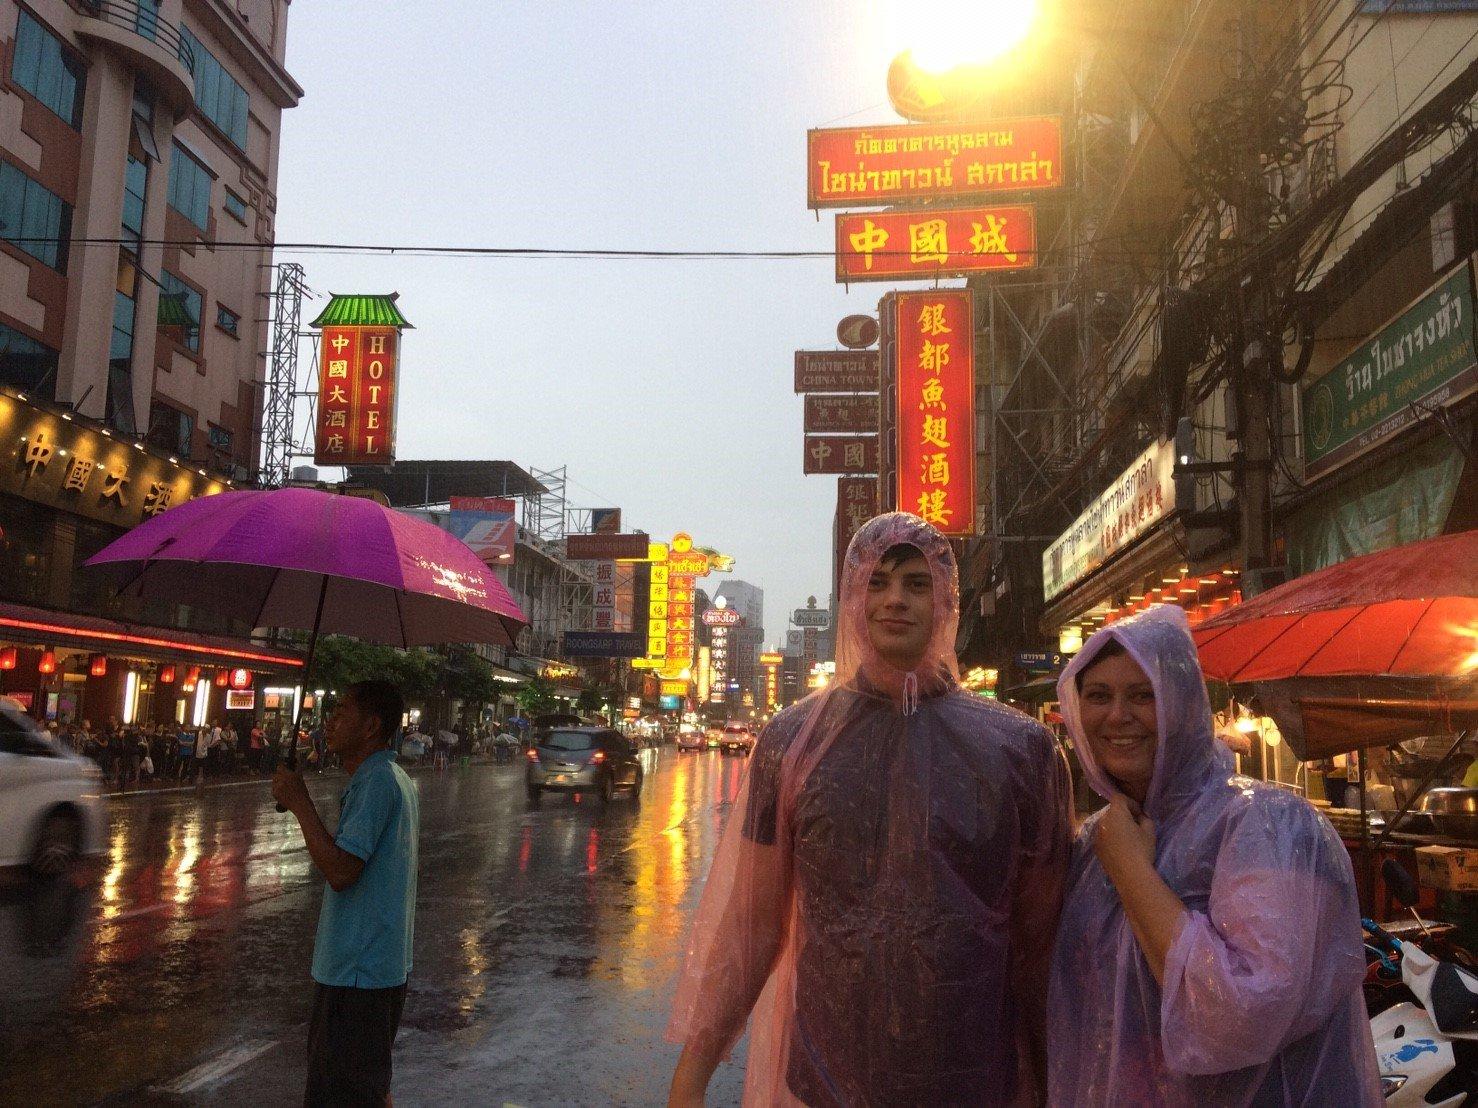 Chinatown 070717_๑๗๐๗๑๐_0022